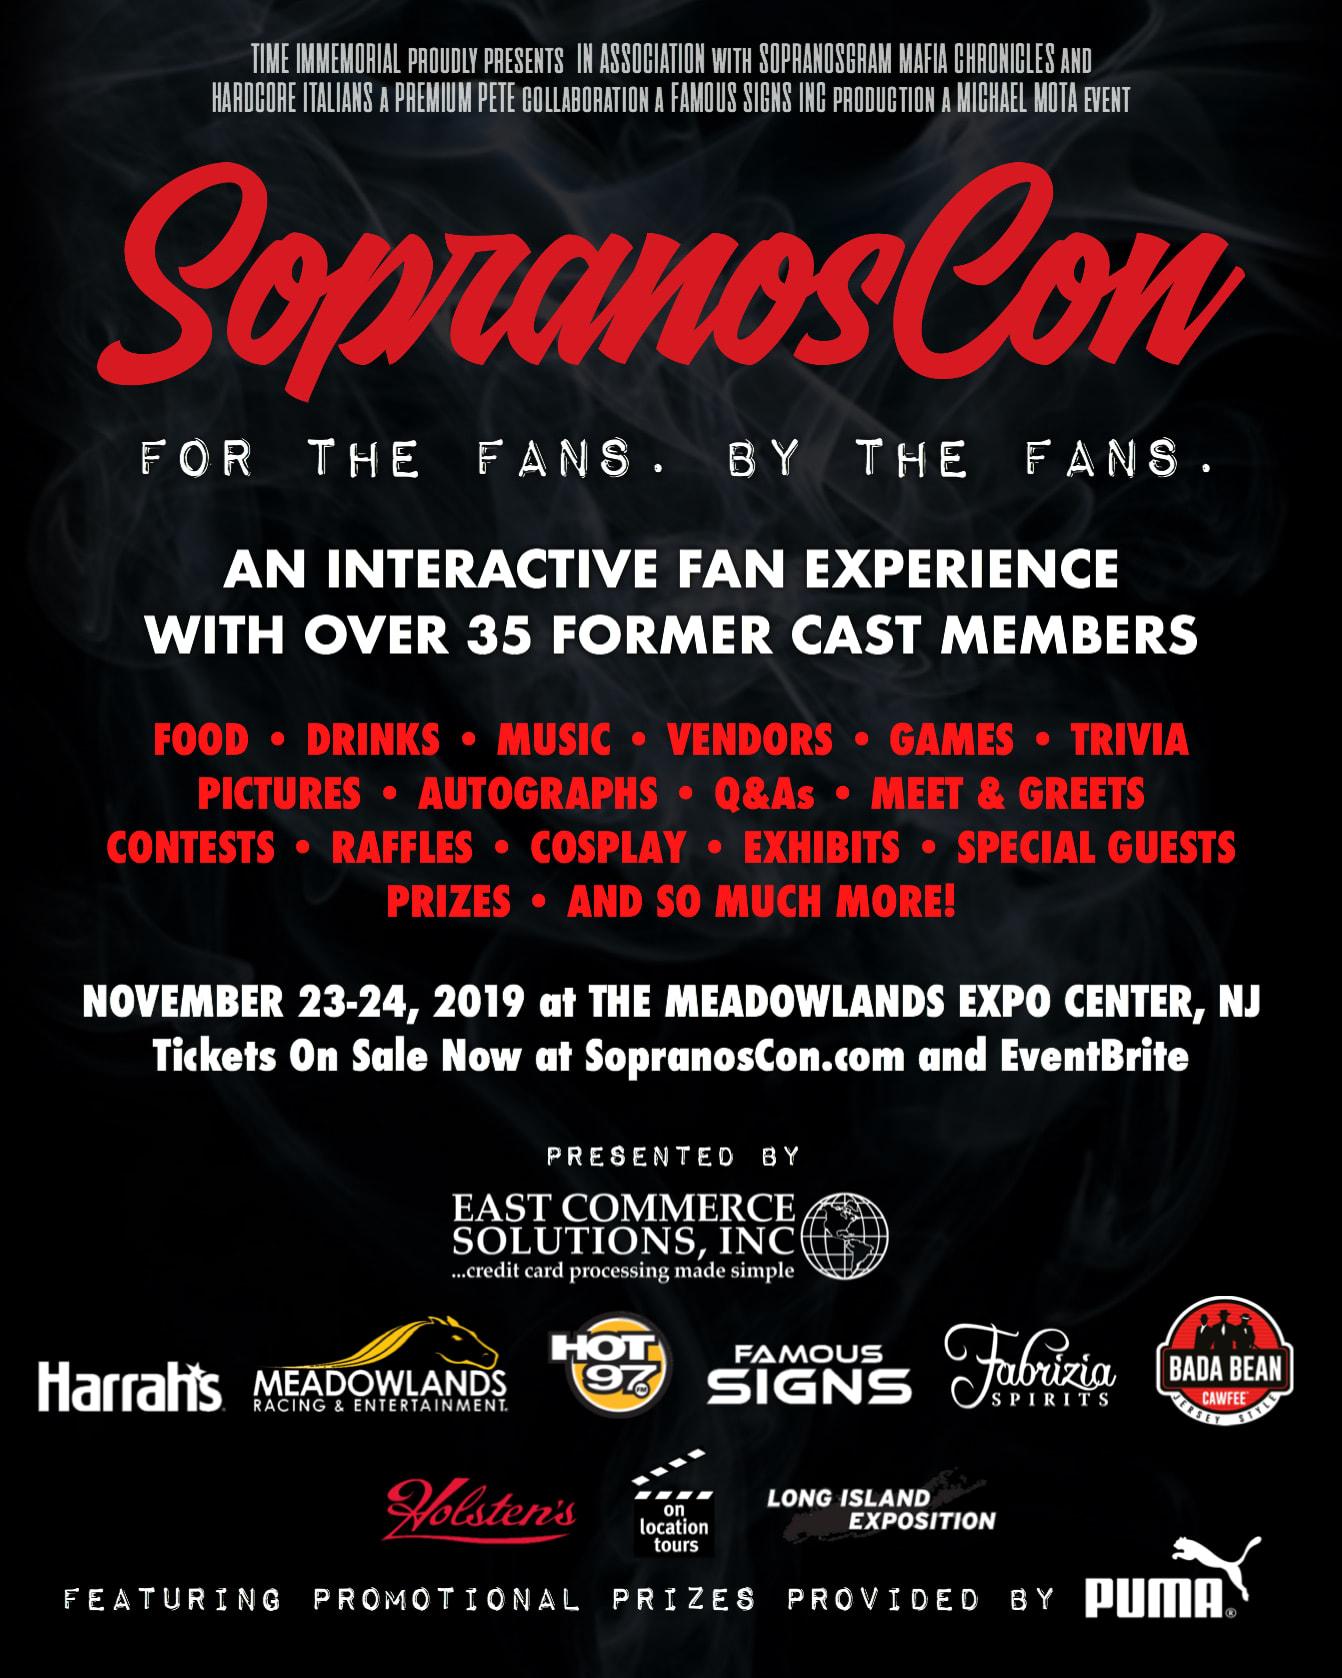 SopranosCon flyer